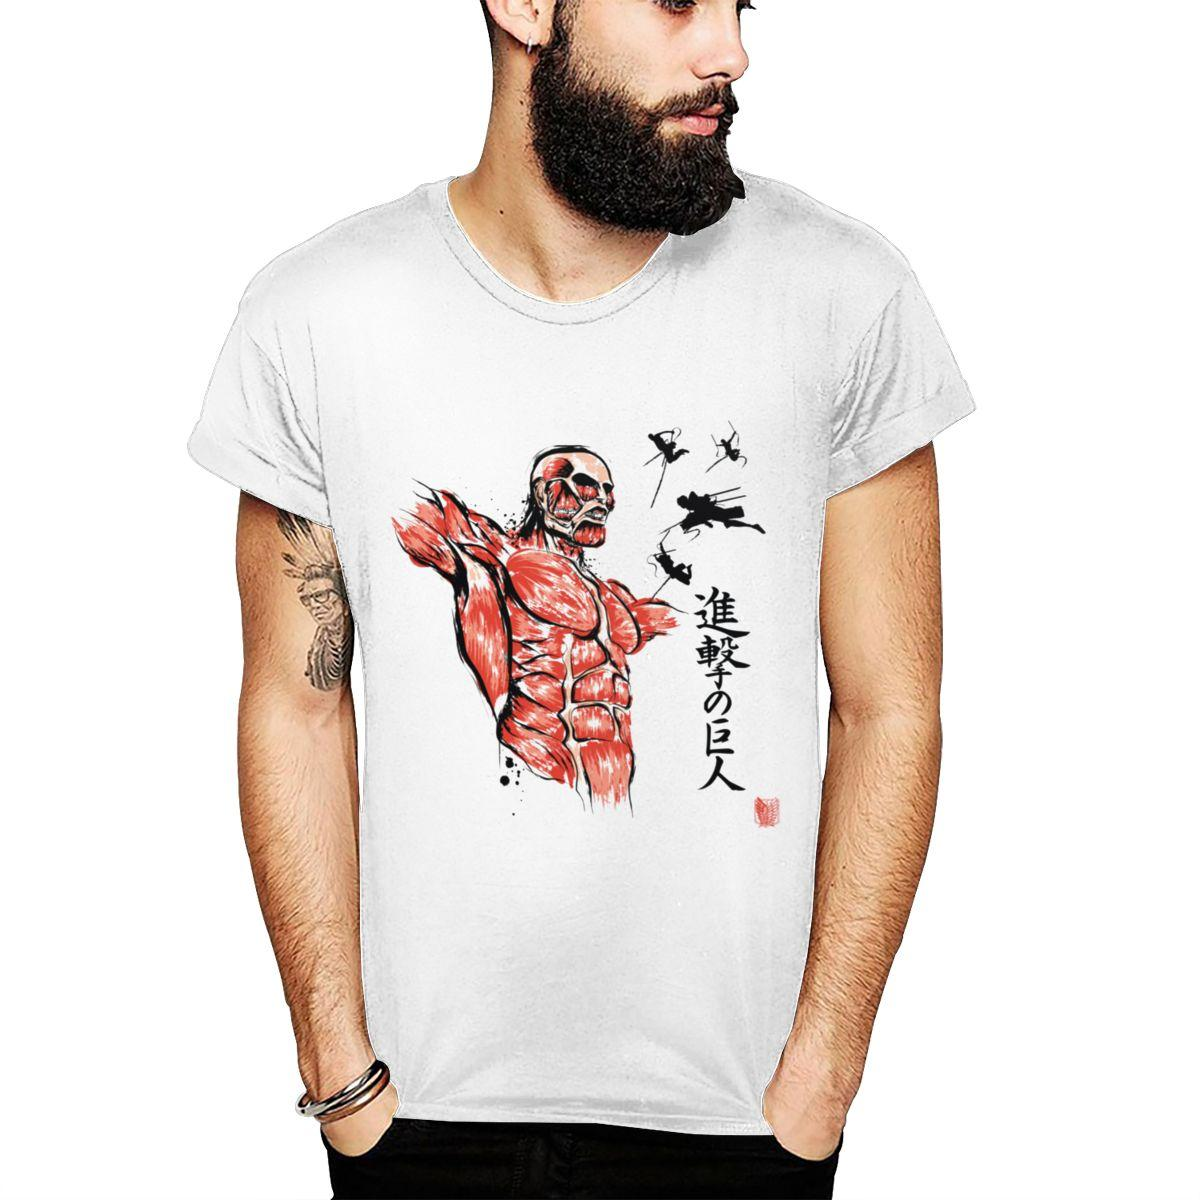 Angriff auf Titan Fliegen für die Freiheit T-Shirt Männer-Rundhalsausschnitt Neueste T-Shirt